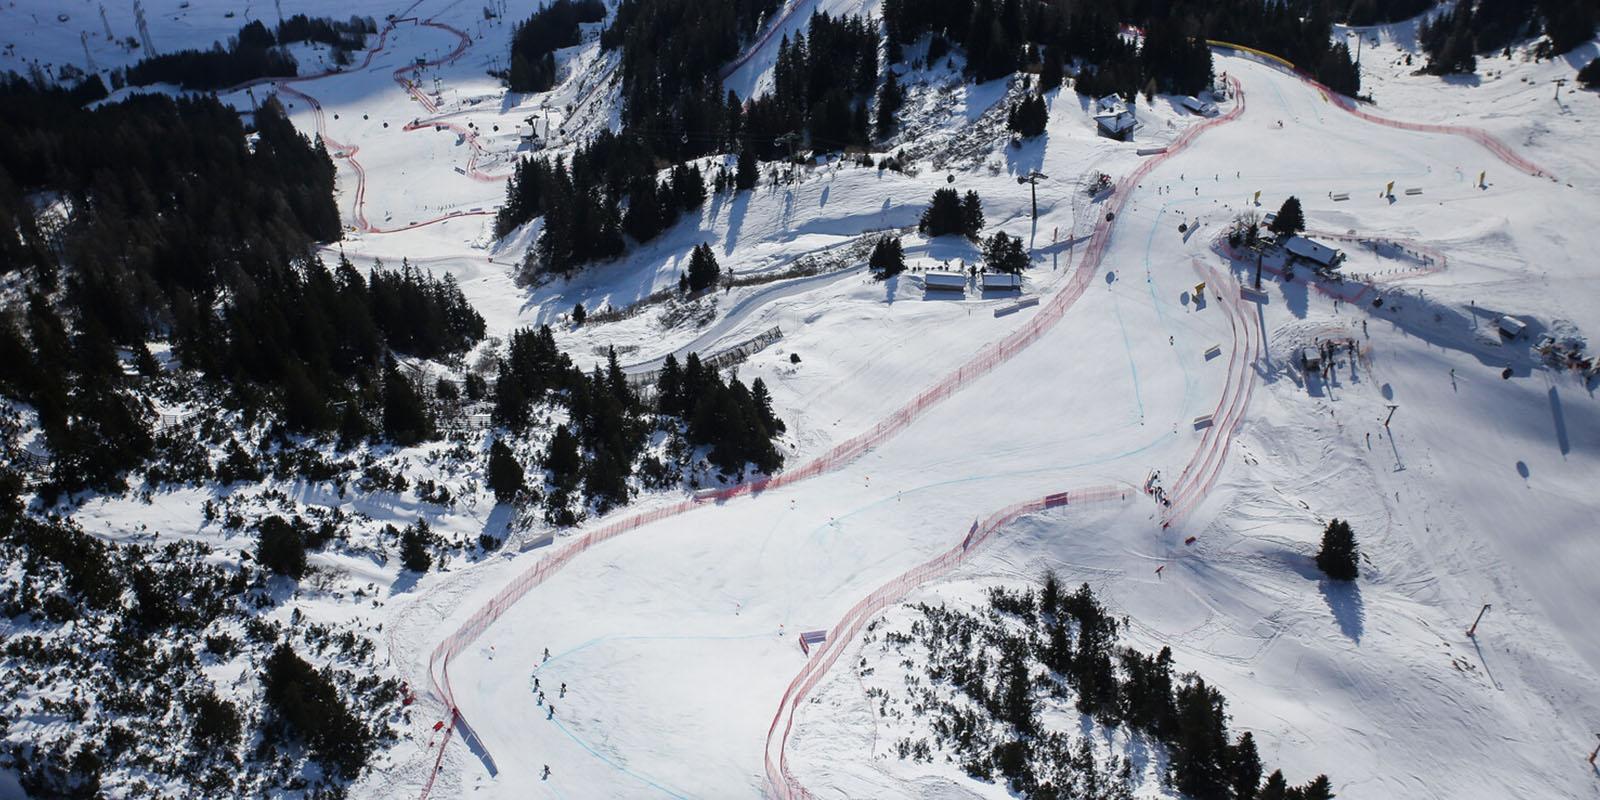 Arlberg skipiste